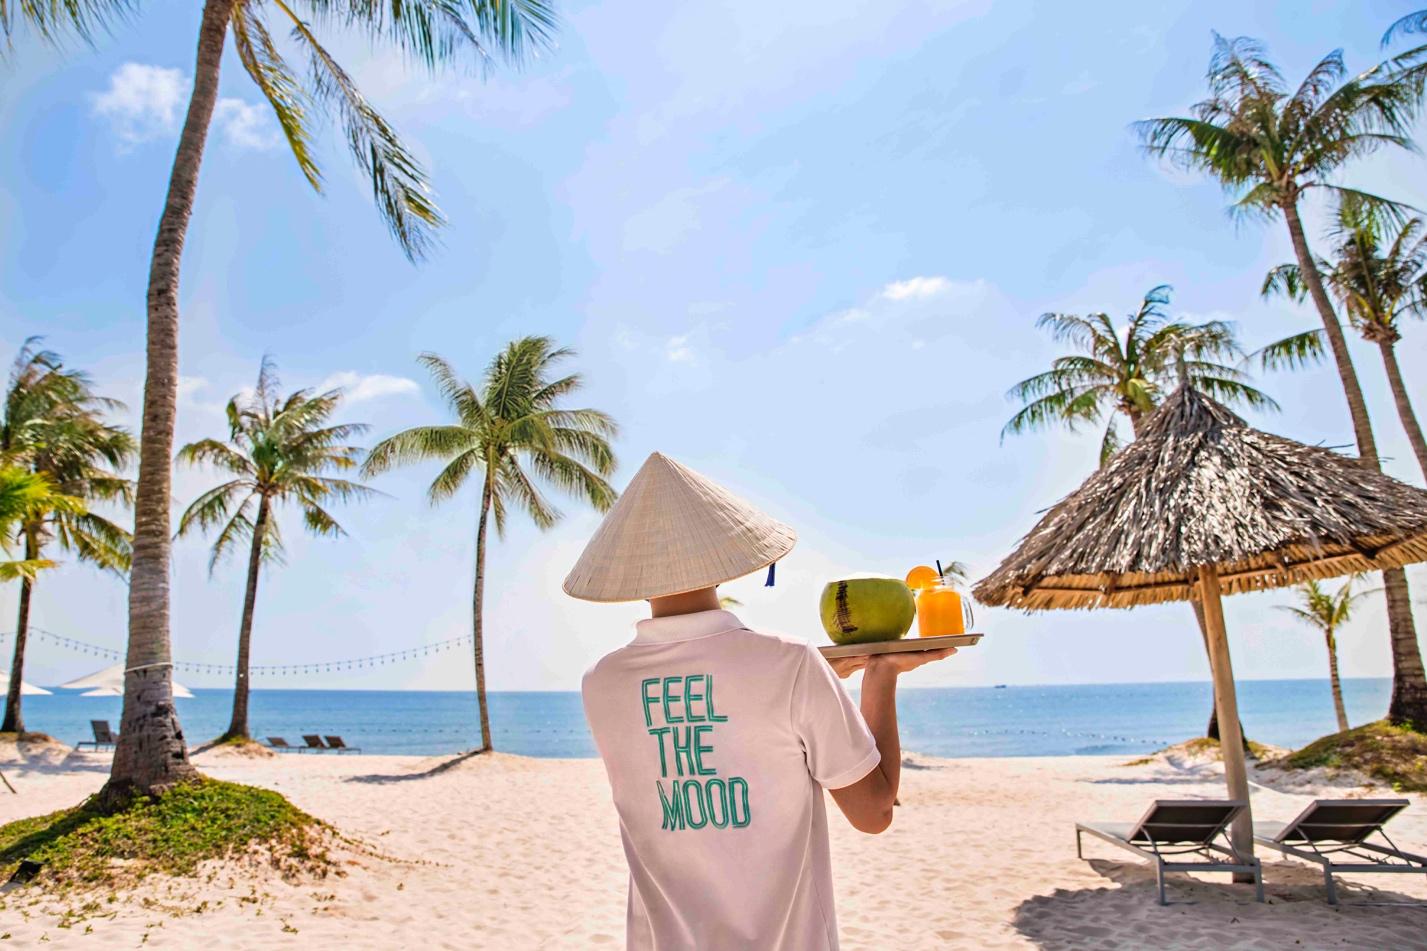 SOL by Melia Phú Quốc là lựa chọn tuyệt vời khi du lịch đảo Ngọc